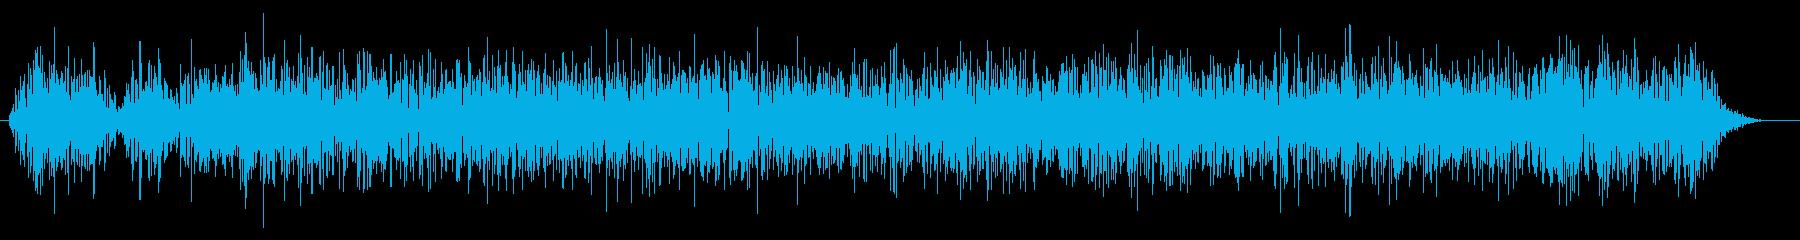 地鳴り・地震の再生済みの波形